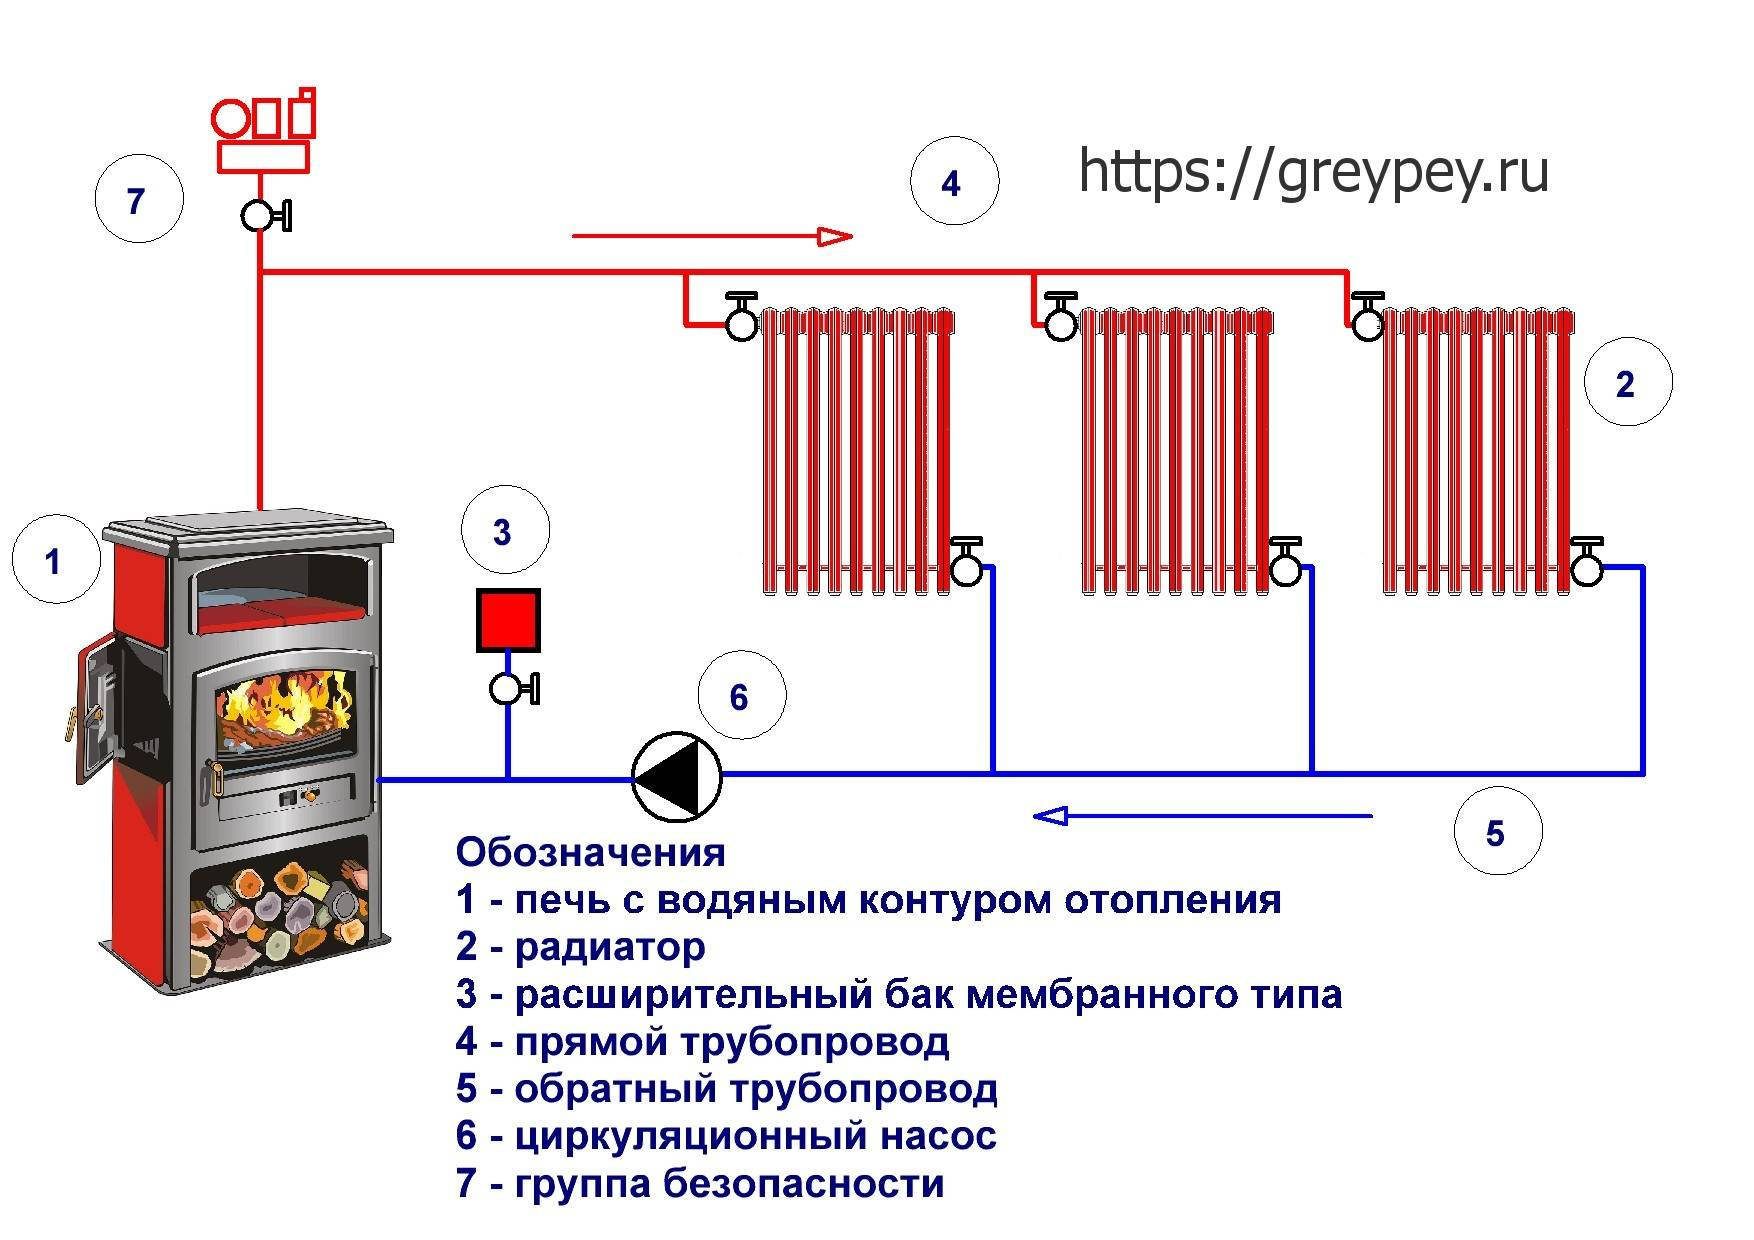 Водяное отопление в частном доме от печи на дровах: чертежи, схемы